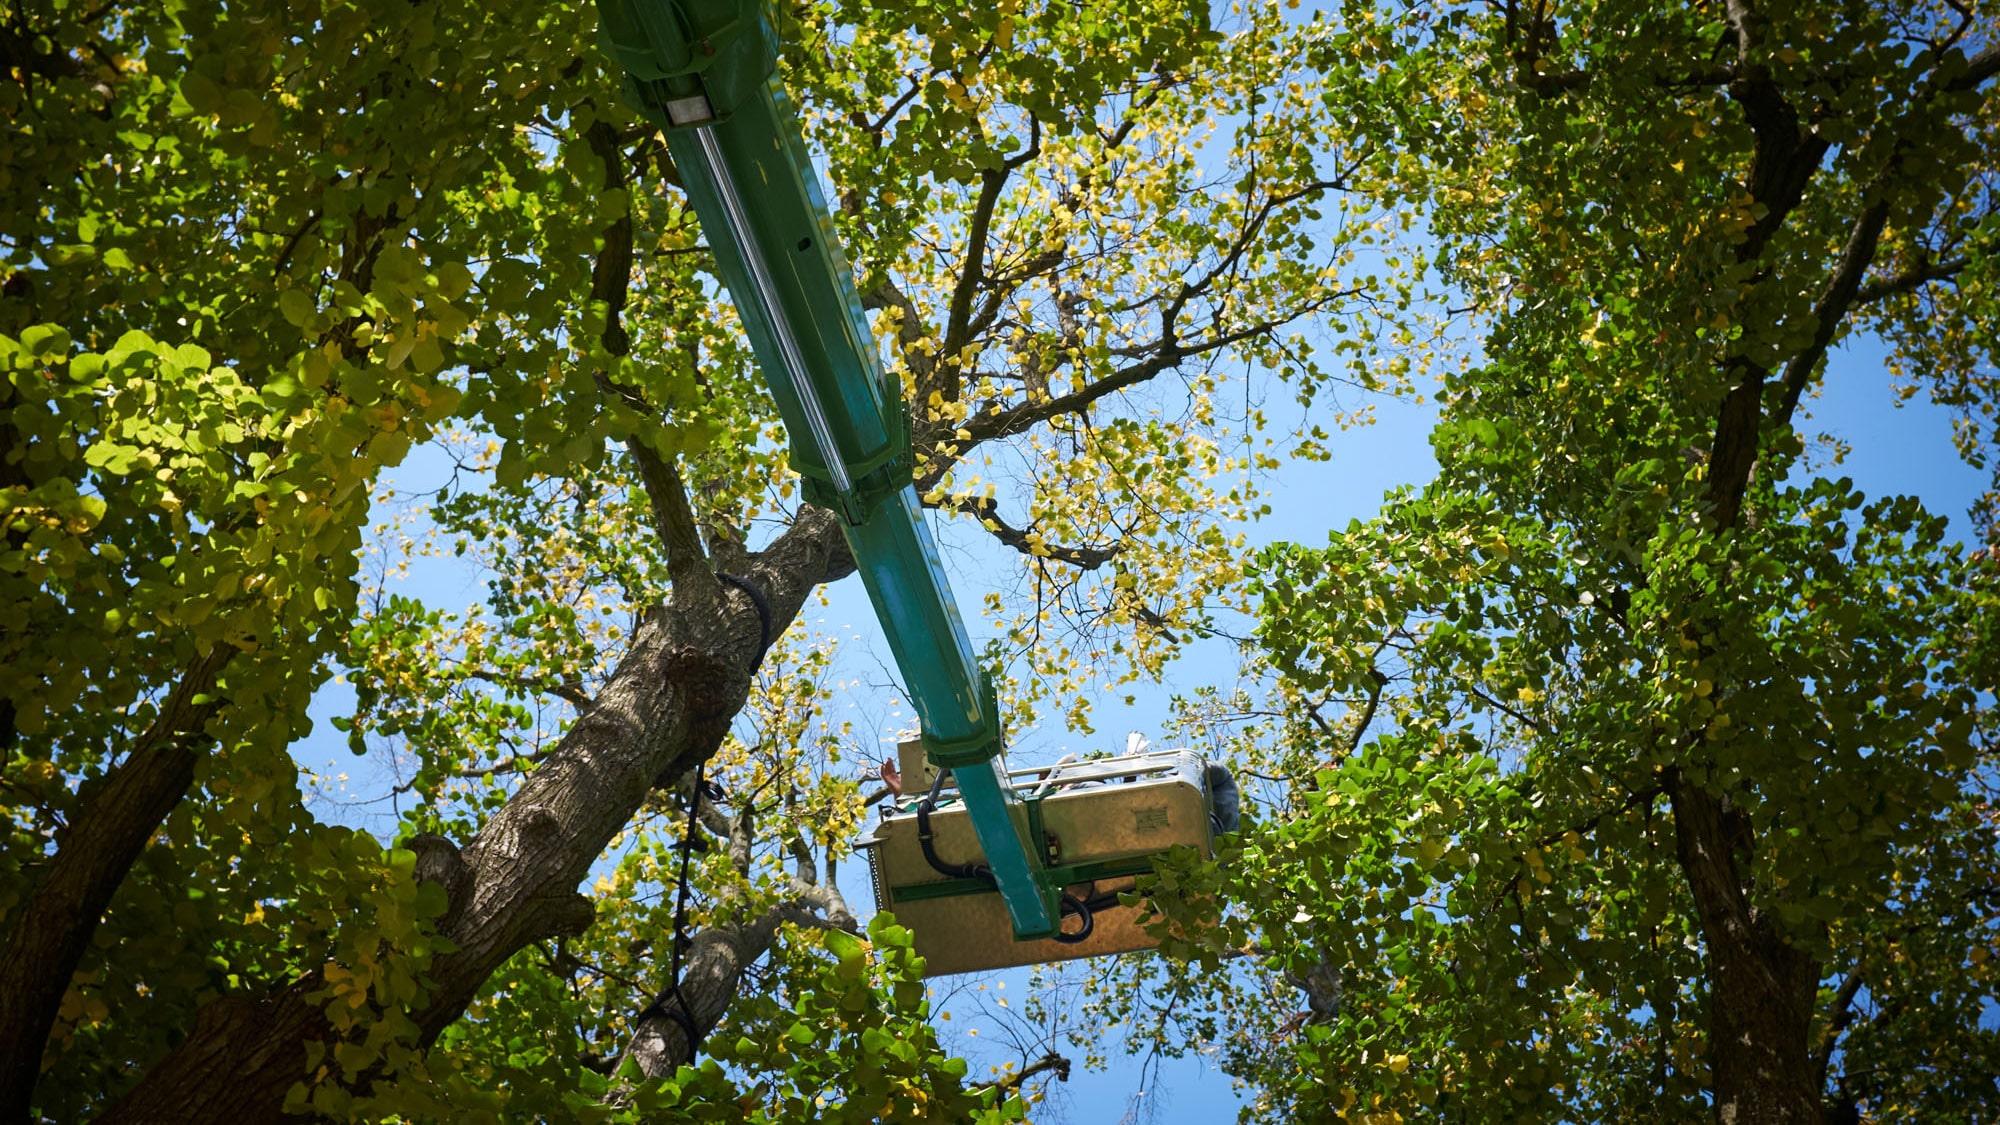 Die Stadtgärtnerei untersucht alle Bäume regelmässig. Falls ein Baum krank oder am Absterben ist, muss er gefällt werden.